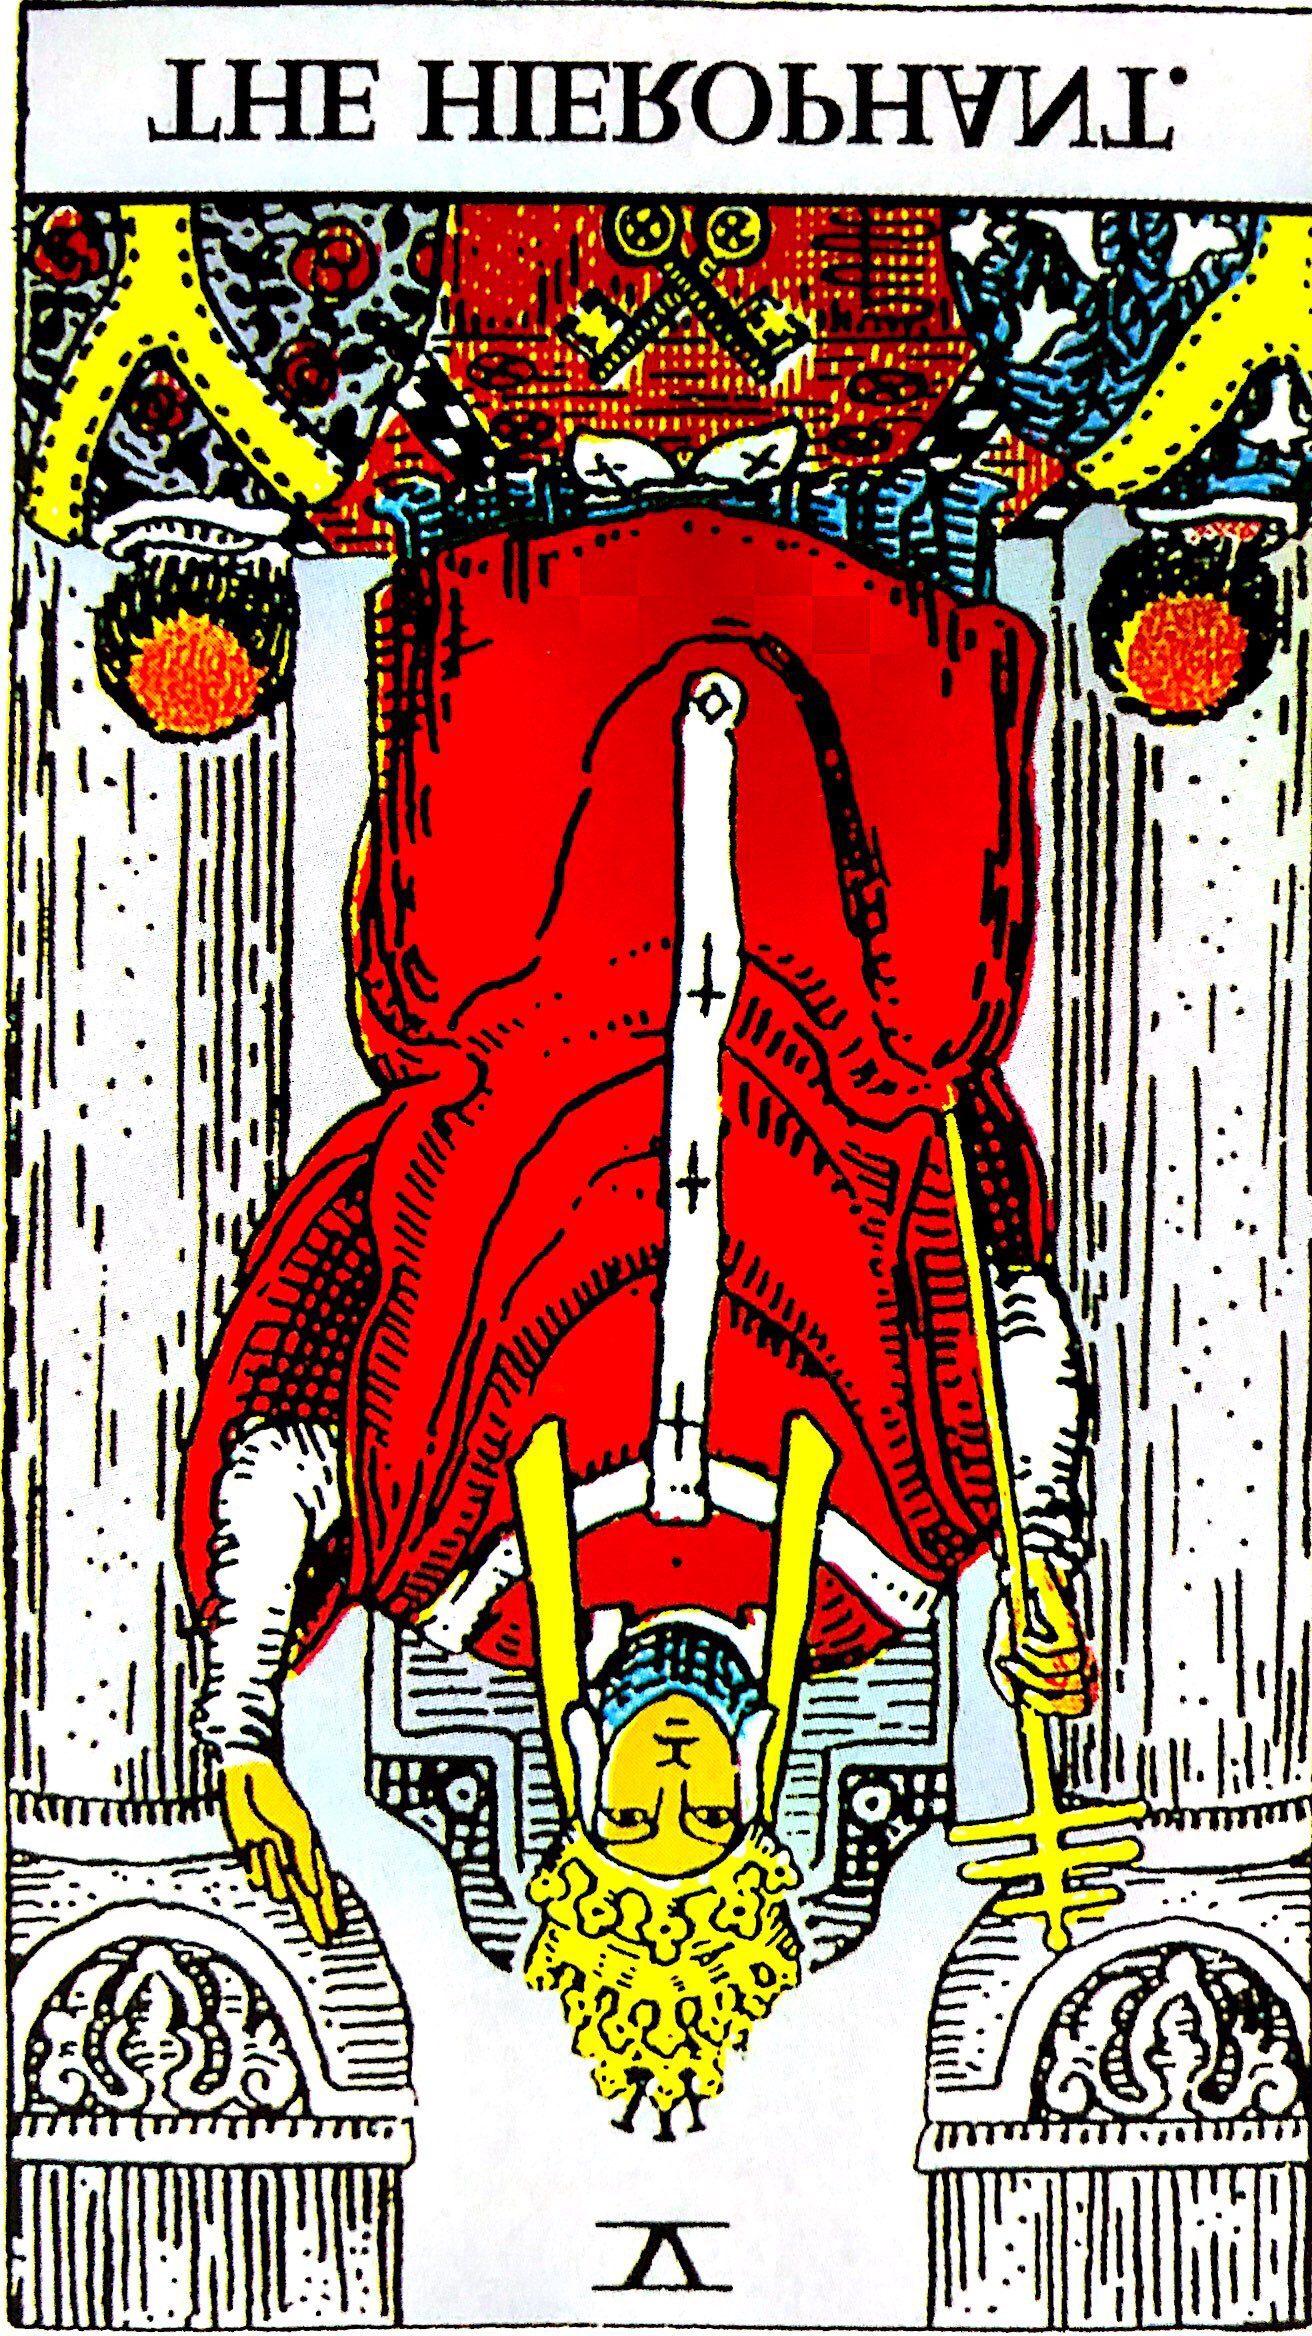 タロット占い「法王」の意味【逆位置】